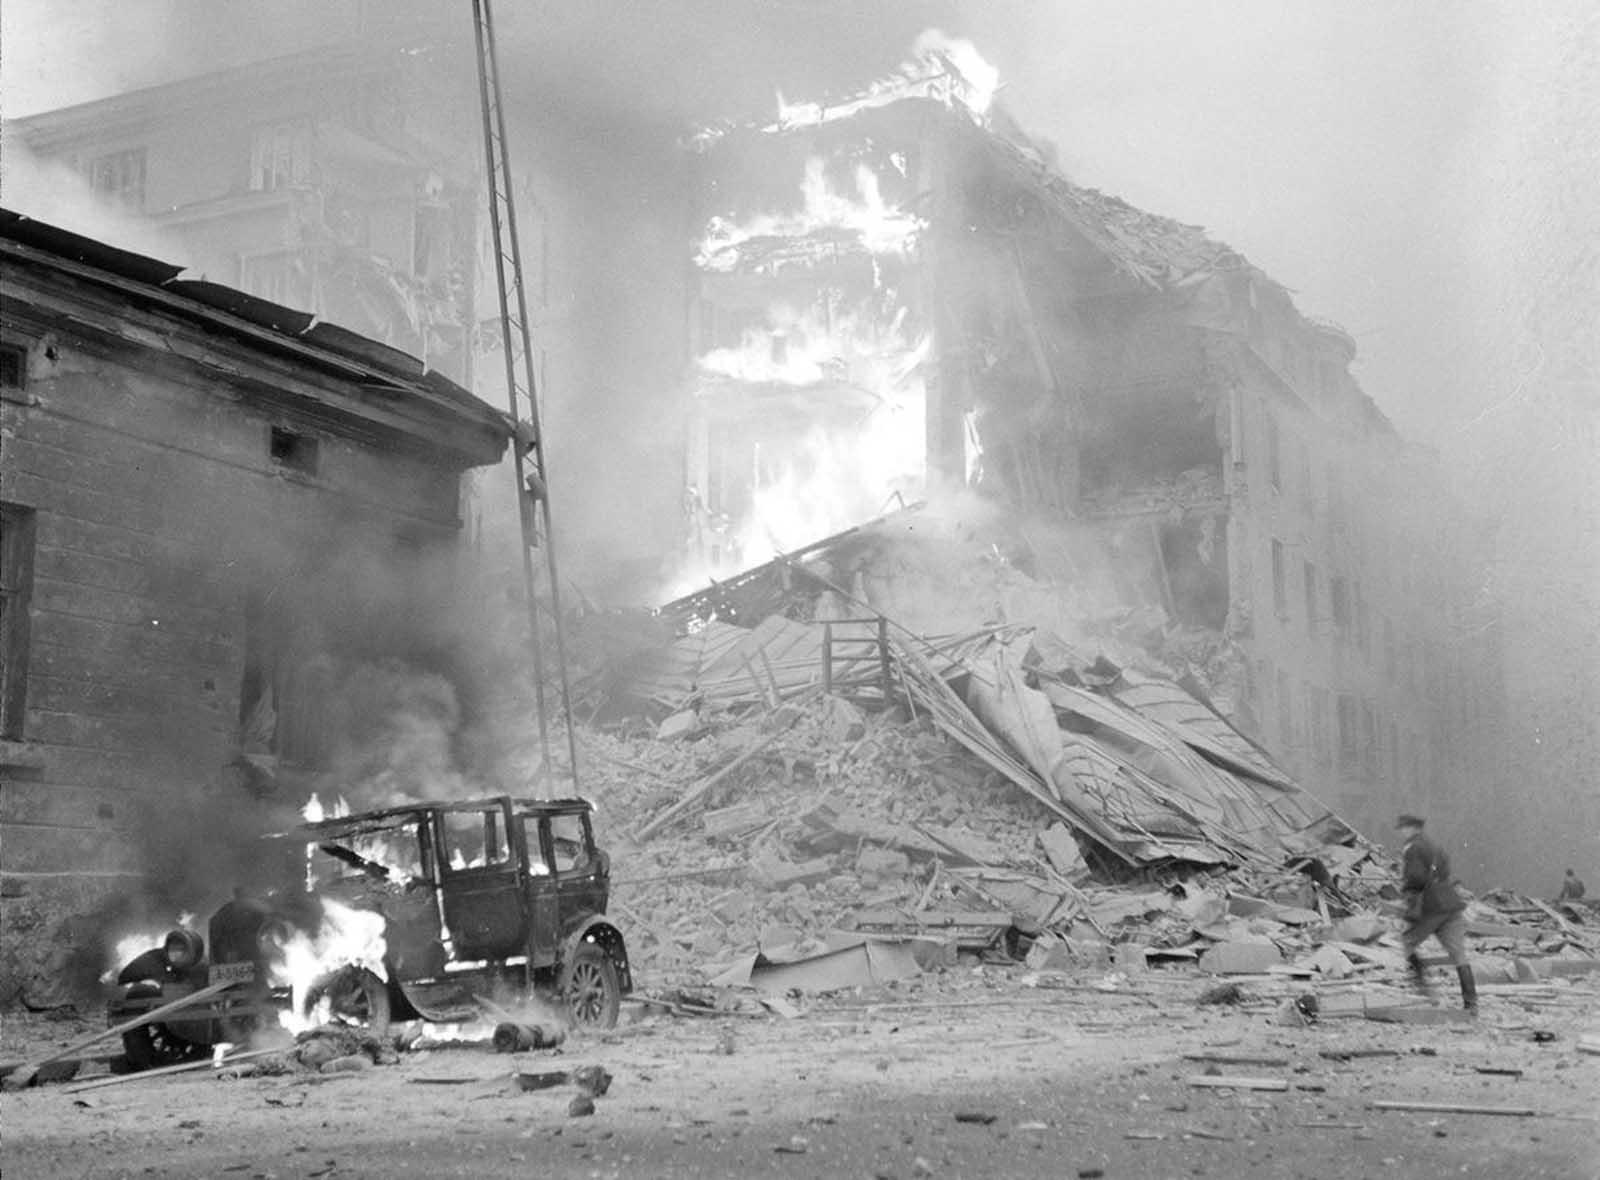 El bombardeo soviético de Helsinki, el 30 de noviembre de 1939. En este día, la Unión Soviética invadió Finlandia con 21 divisiones, con un total de aproximadamente 450,000 soldados.